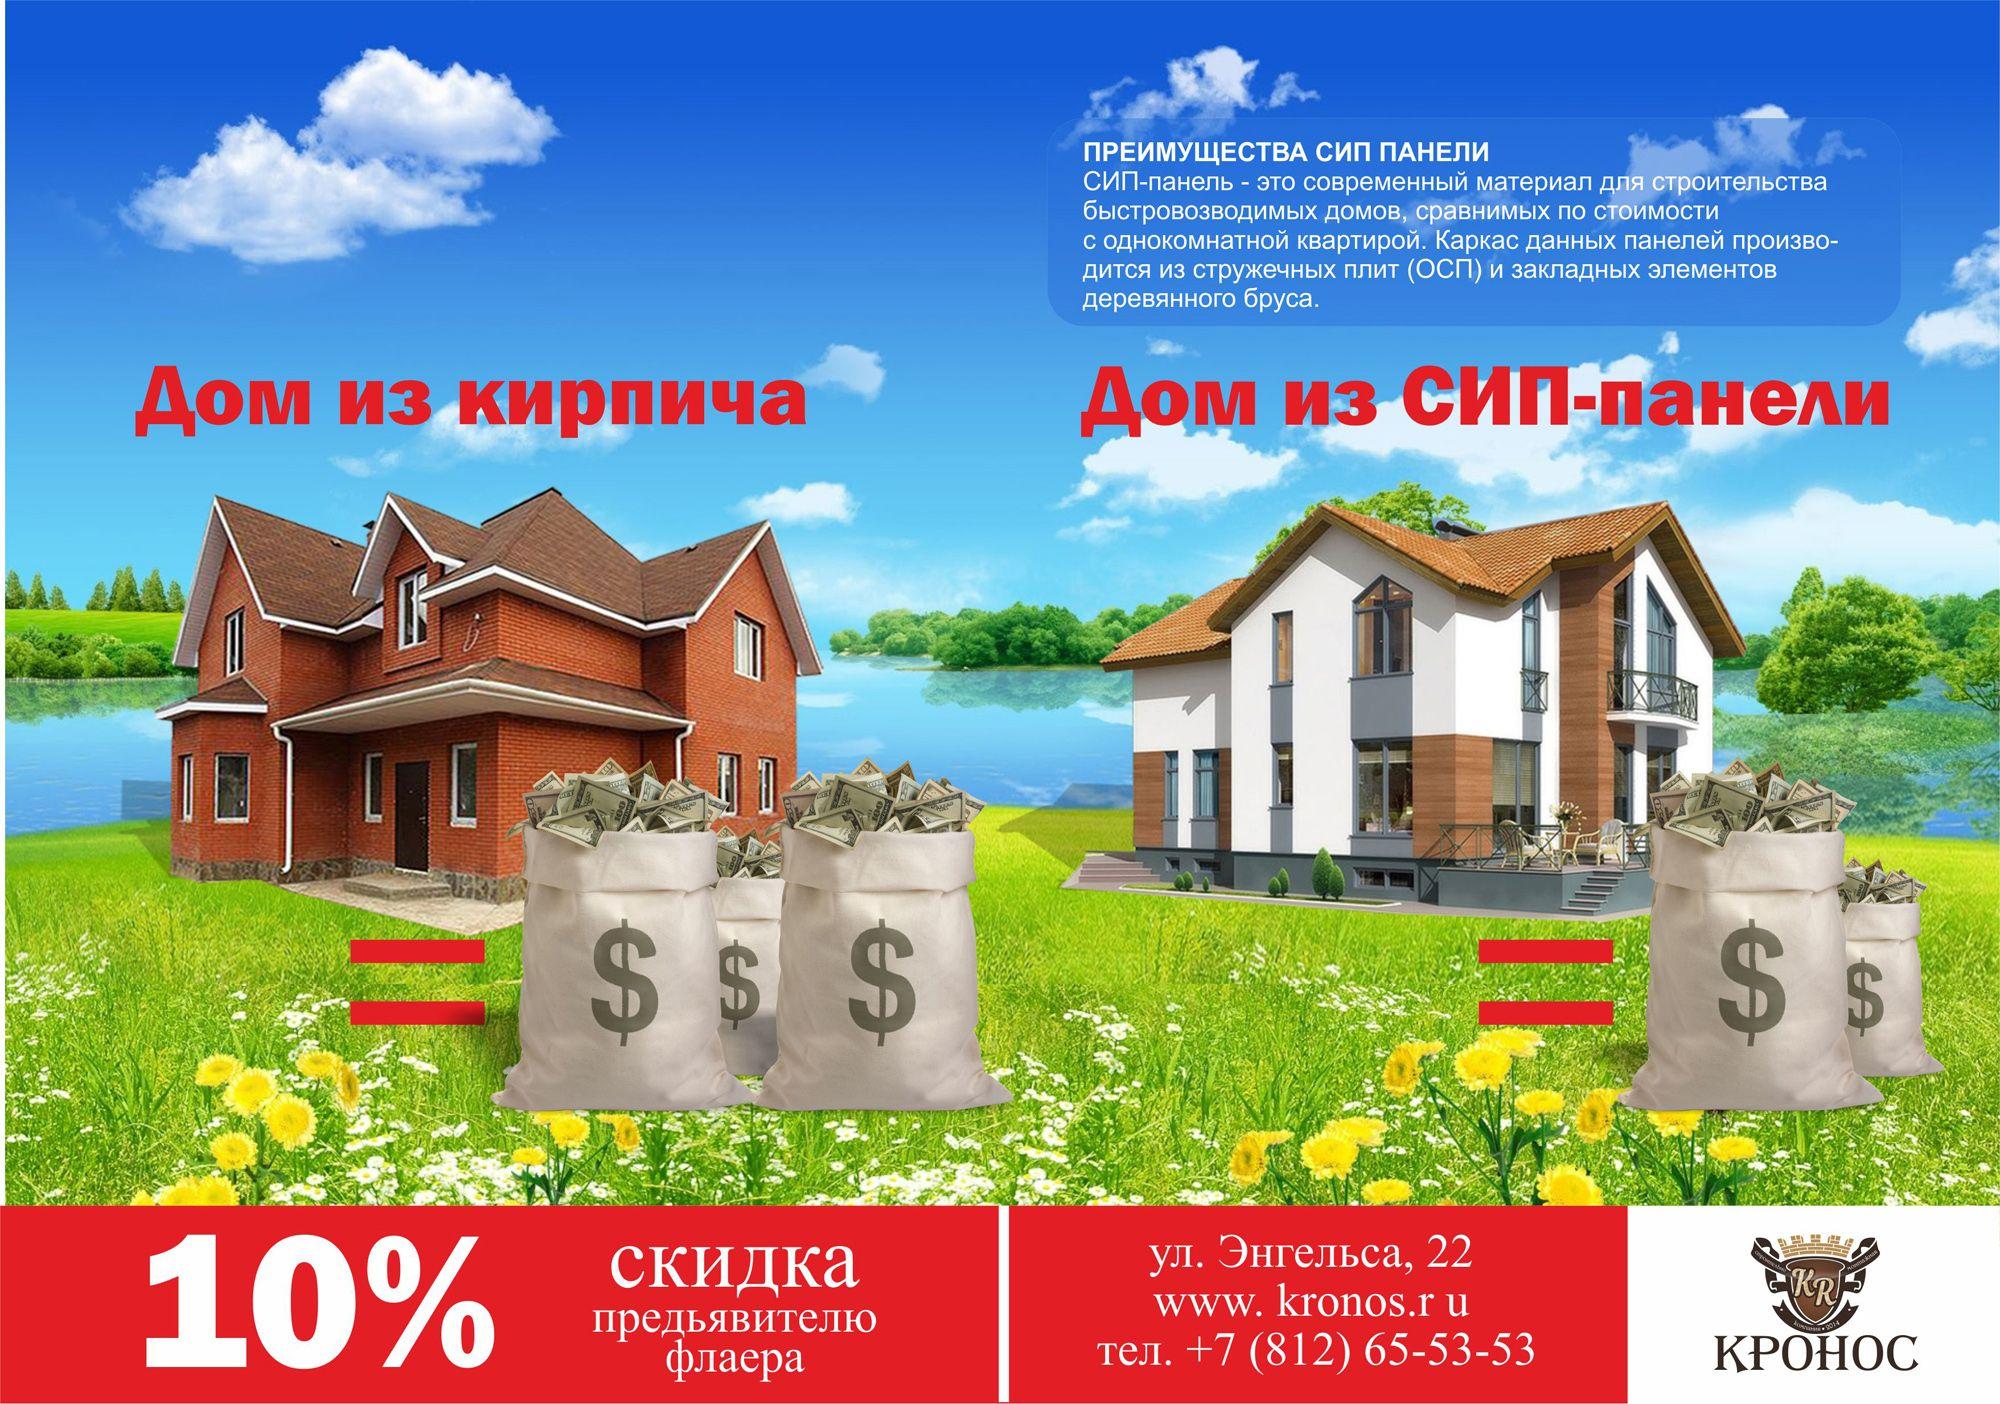 Дизайн листовки для рекламы строительной компании - дизайнер RIA85